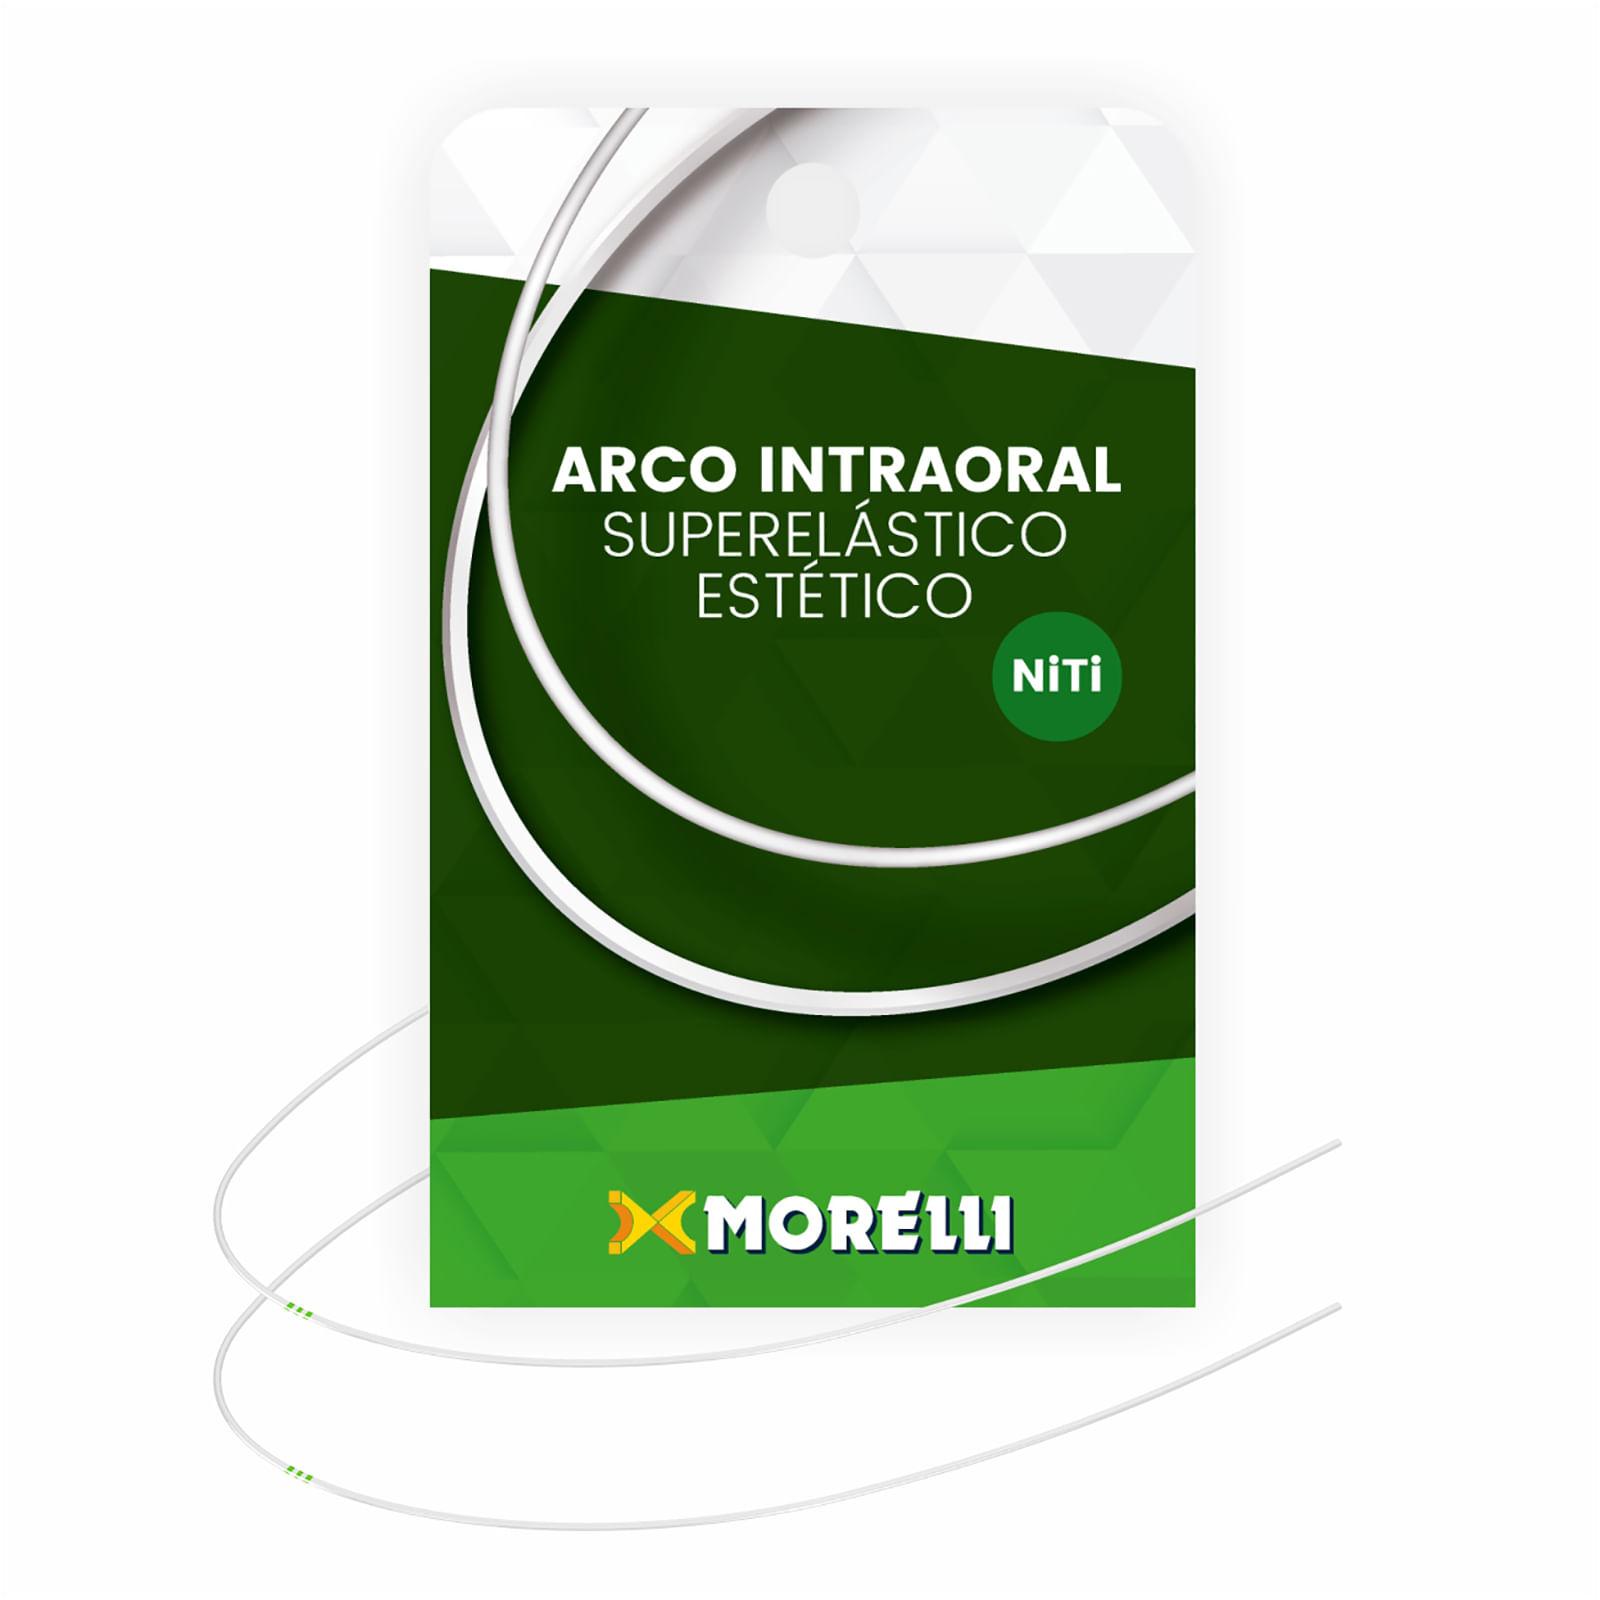 ARCO-ESTETICO-INTRAORAL-SUPERELASTICO-NITI---COLORIDO-BEGE---REDONDO-.012--GRANDE---MORELLI